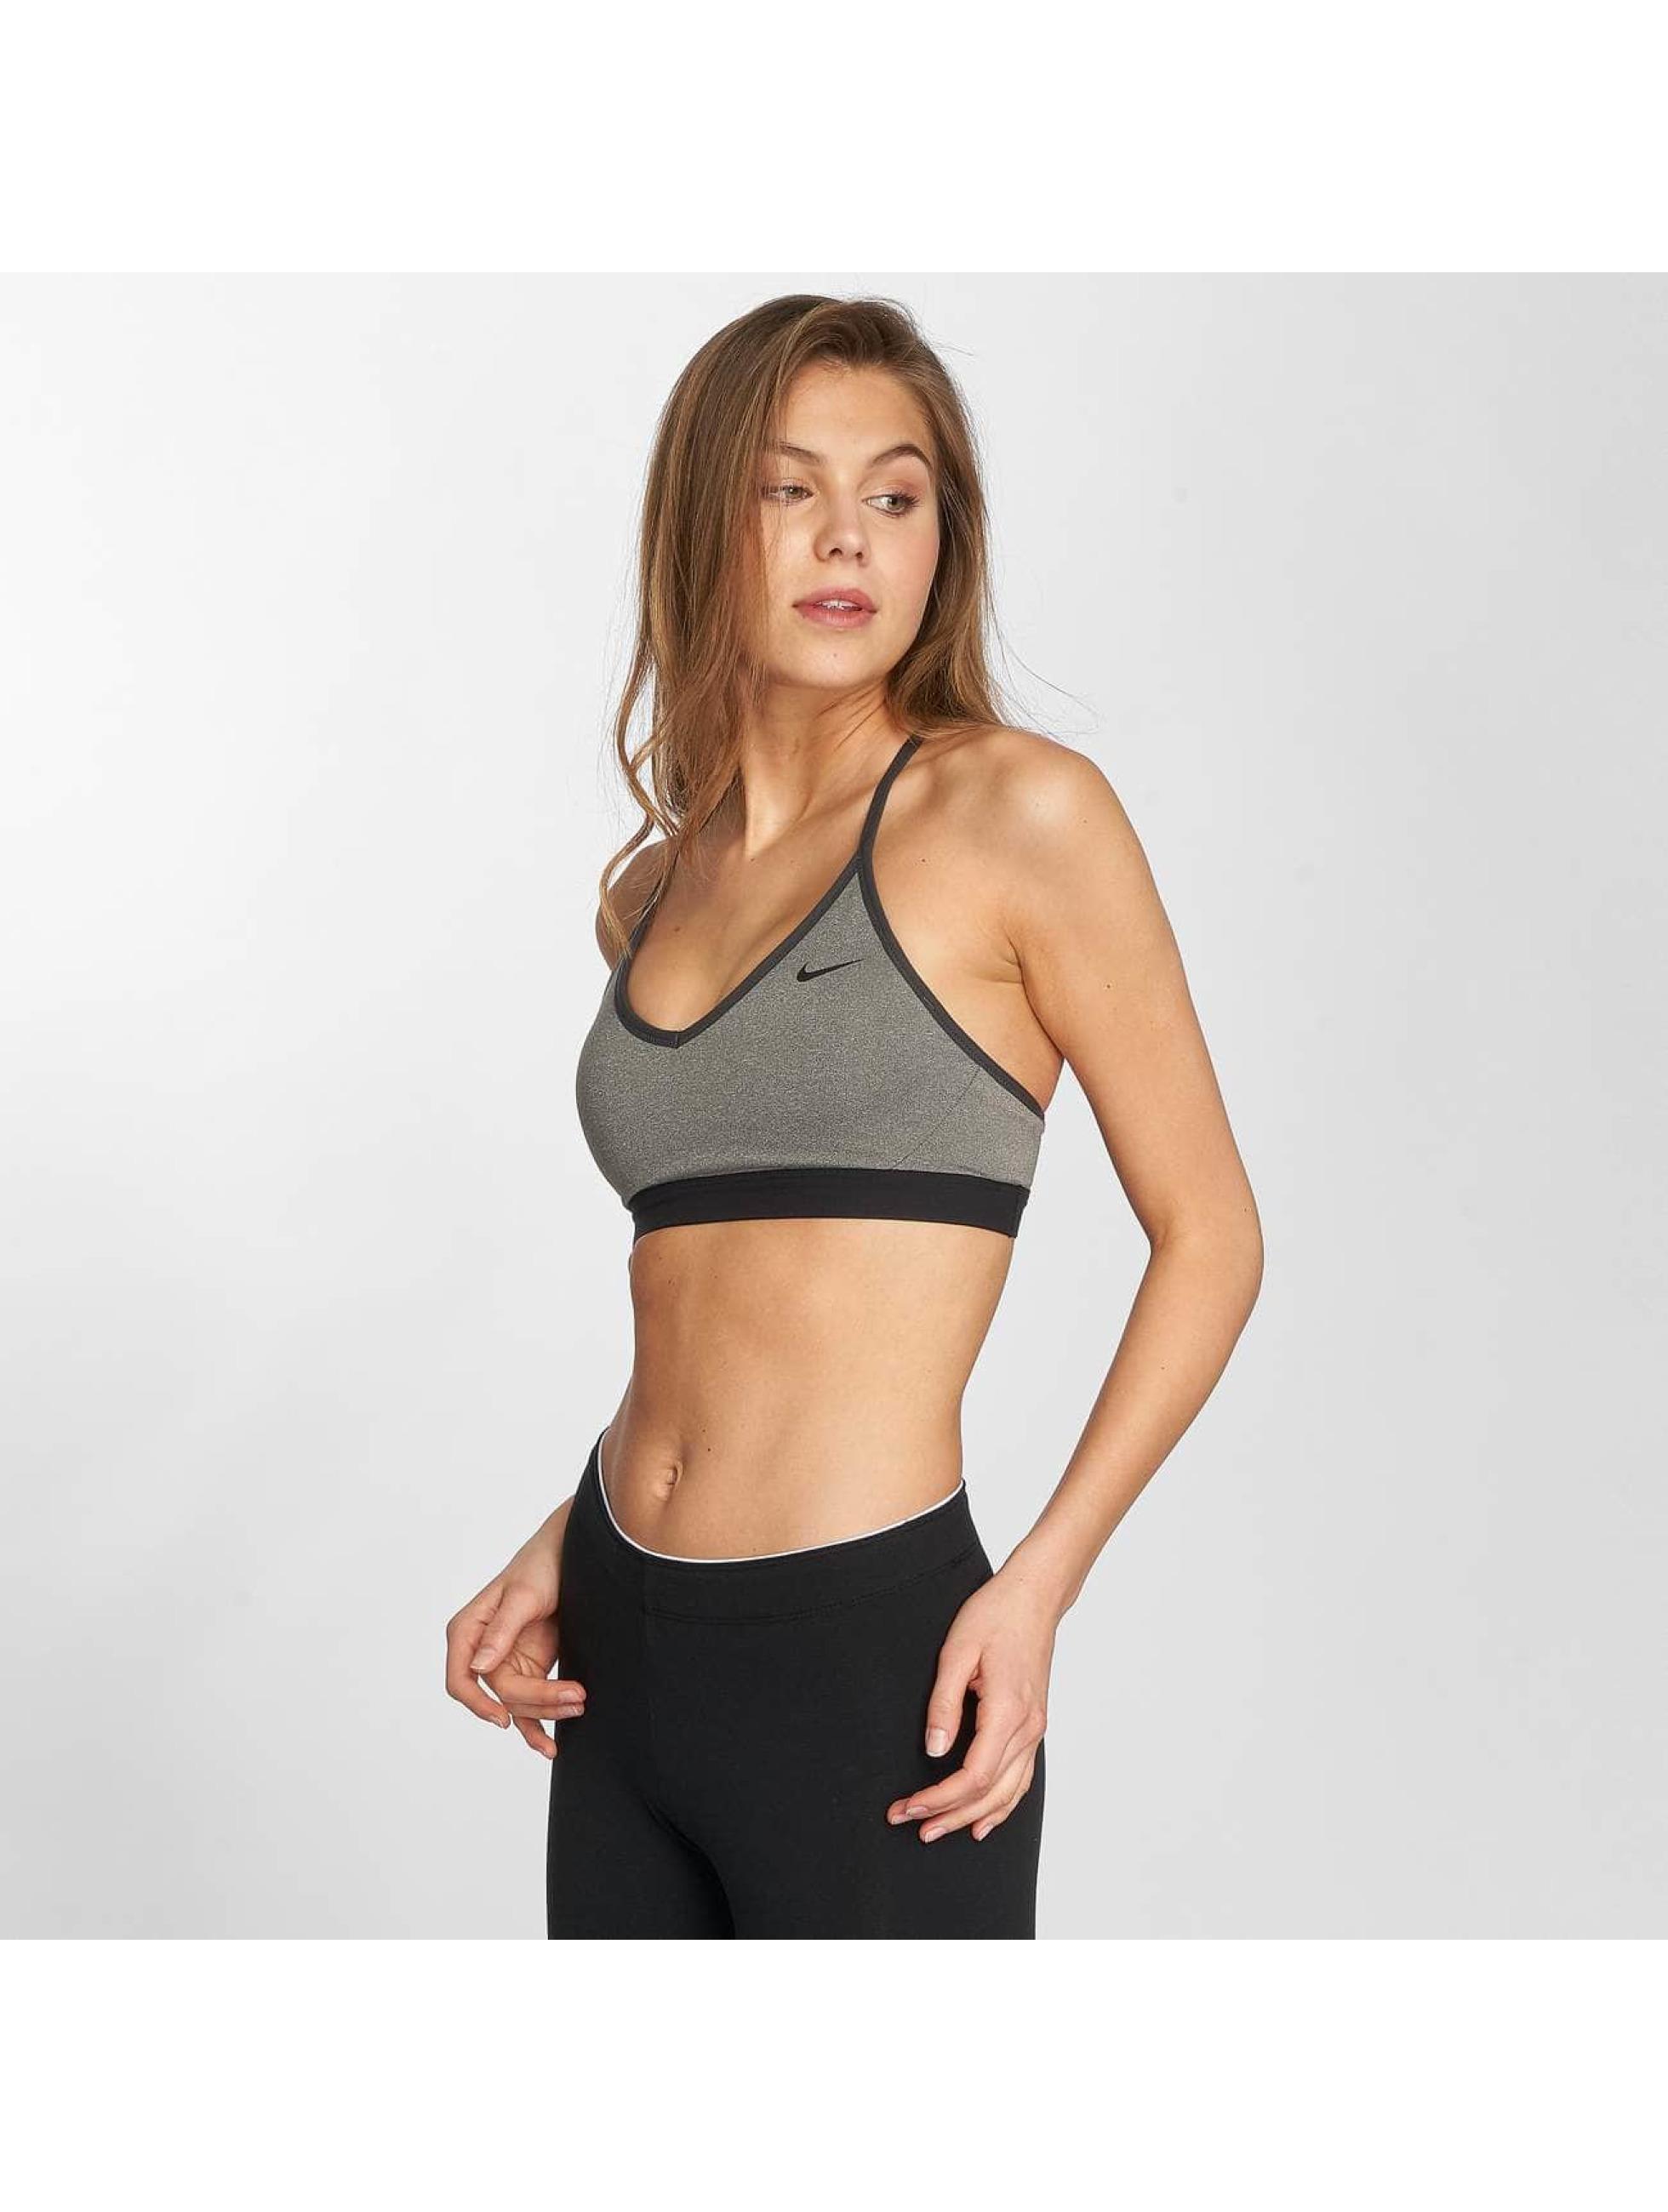 Nike Performance Sports Bra Indy grey